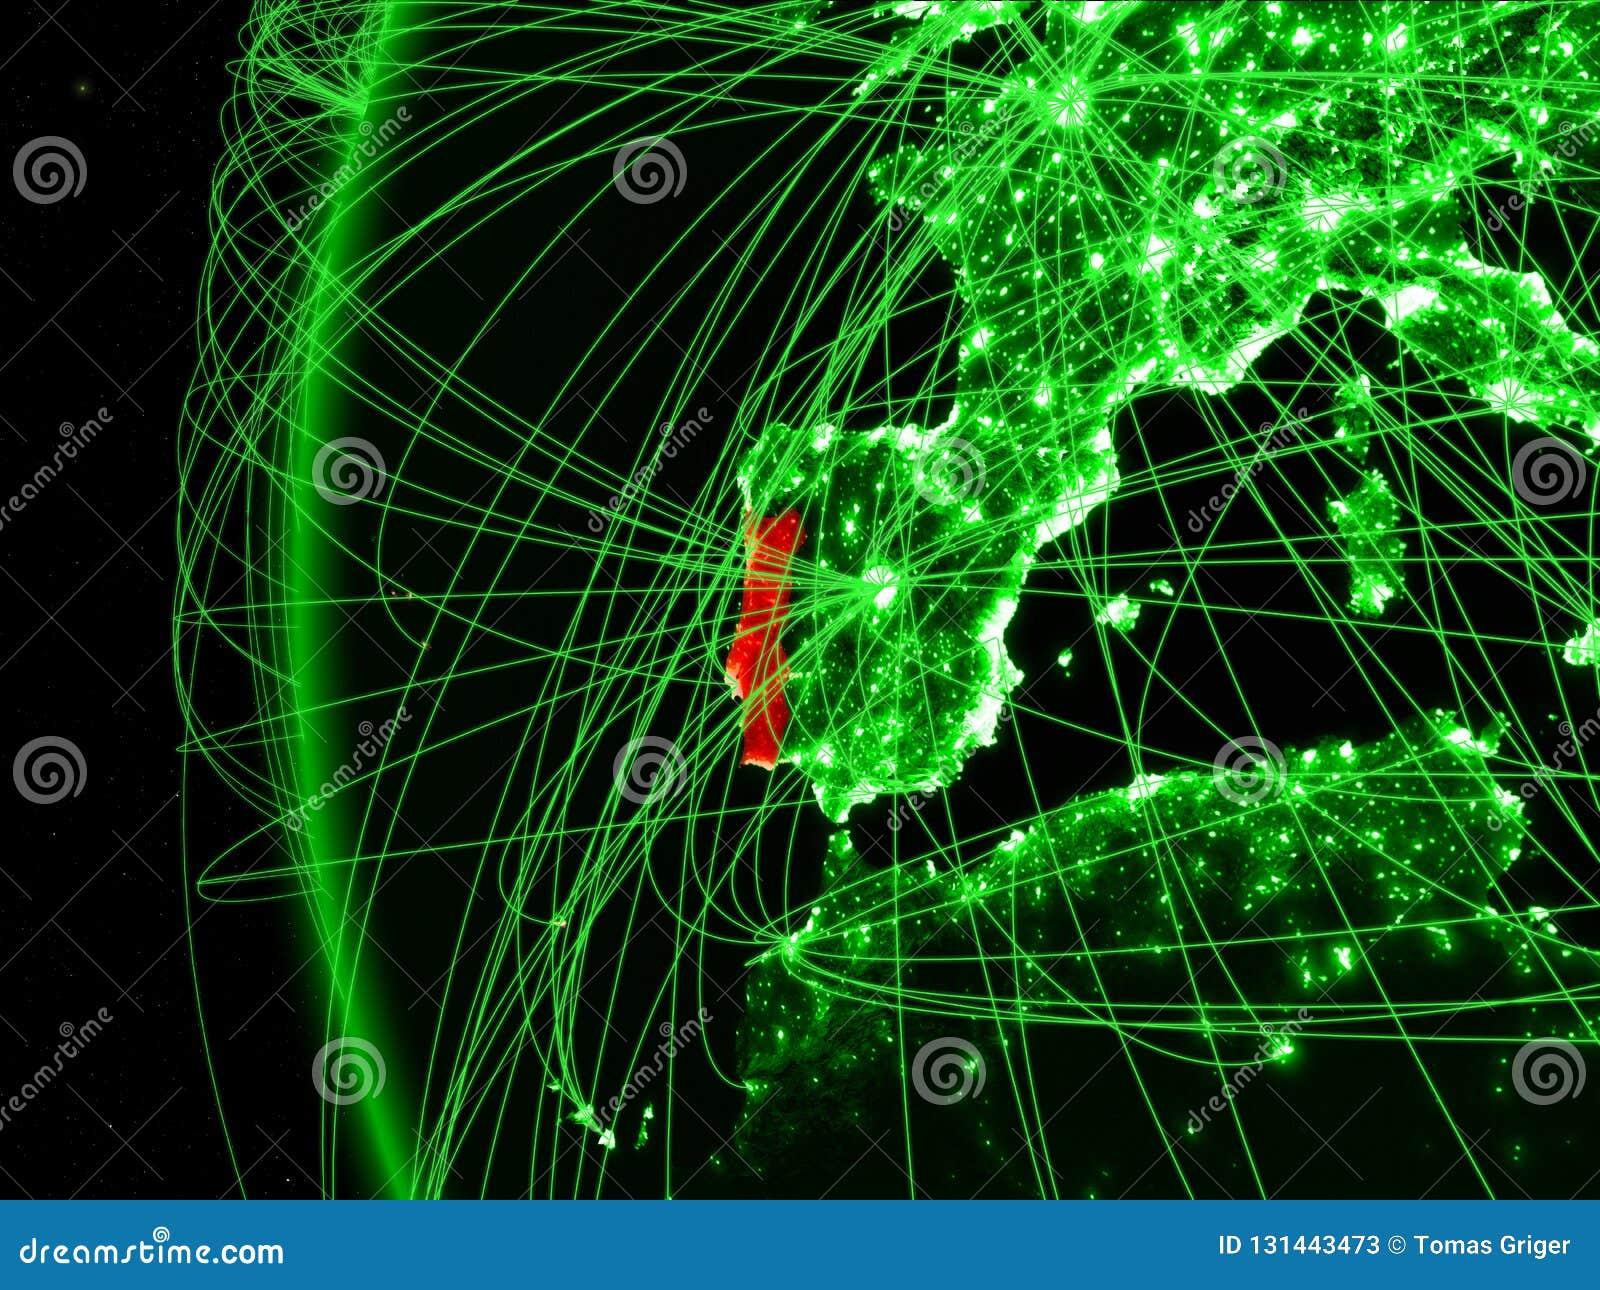 Portugal van ruimte op groen model van Aarde met internationale netwerken Concept groene mededeling of reis 3D Illustratie